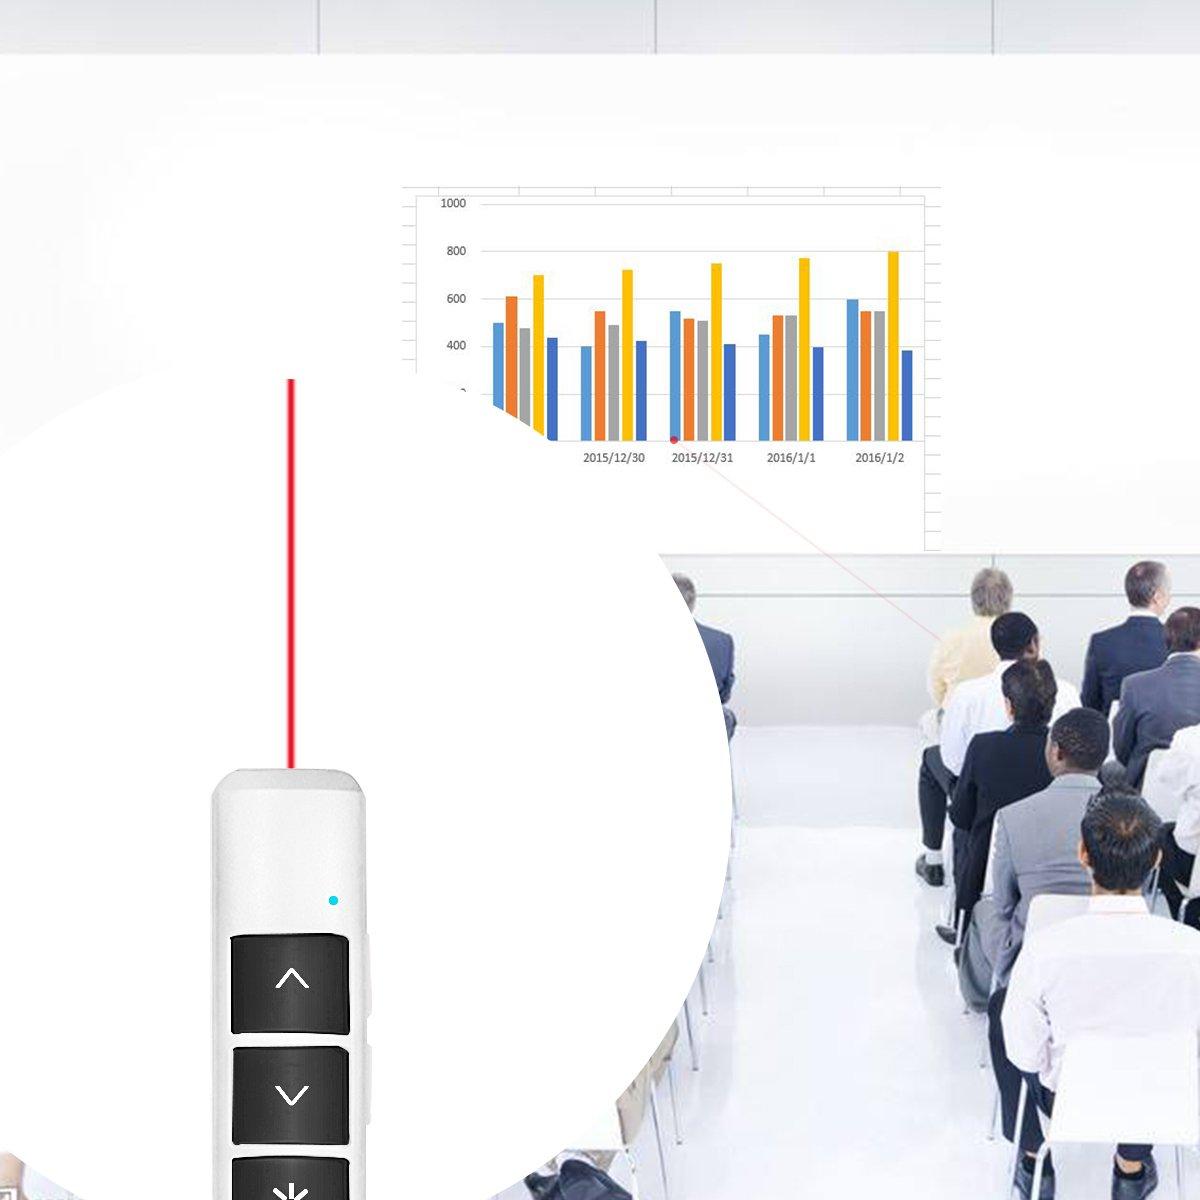 Wireless Pr/äsenter Wiederaufladbarer Powerpoint Fernbedienung mit Laserpointer Pr/äsentationsfernbedienung Pr/äsentation Pointer f/ür PPT//Prezi//OpenOffice//Windows//Mac OS//Android//Linux(Schwarz)